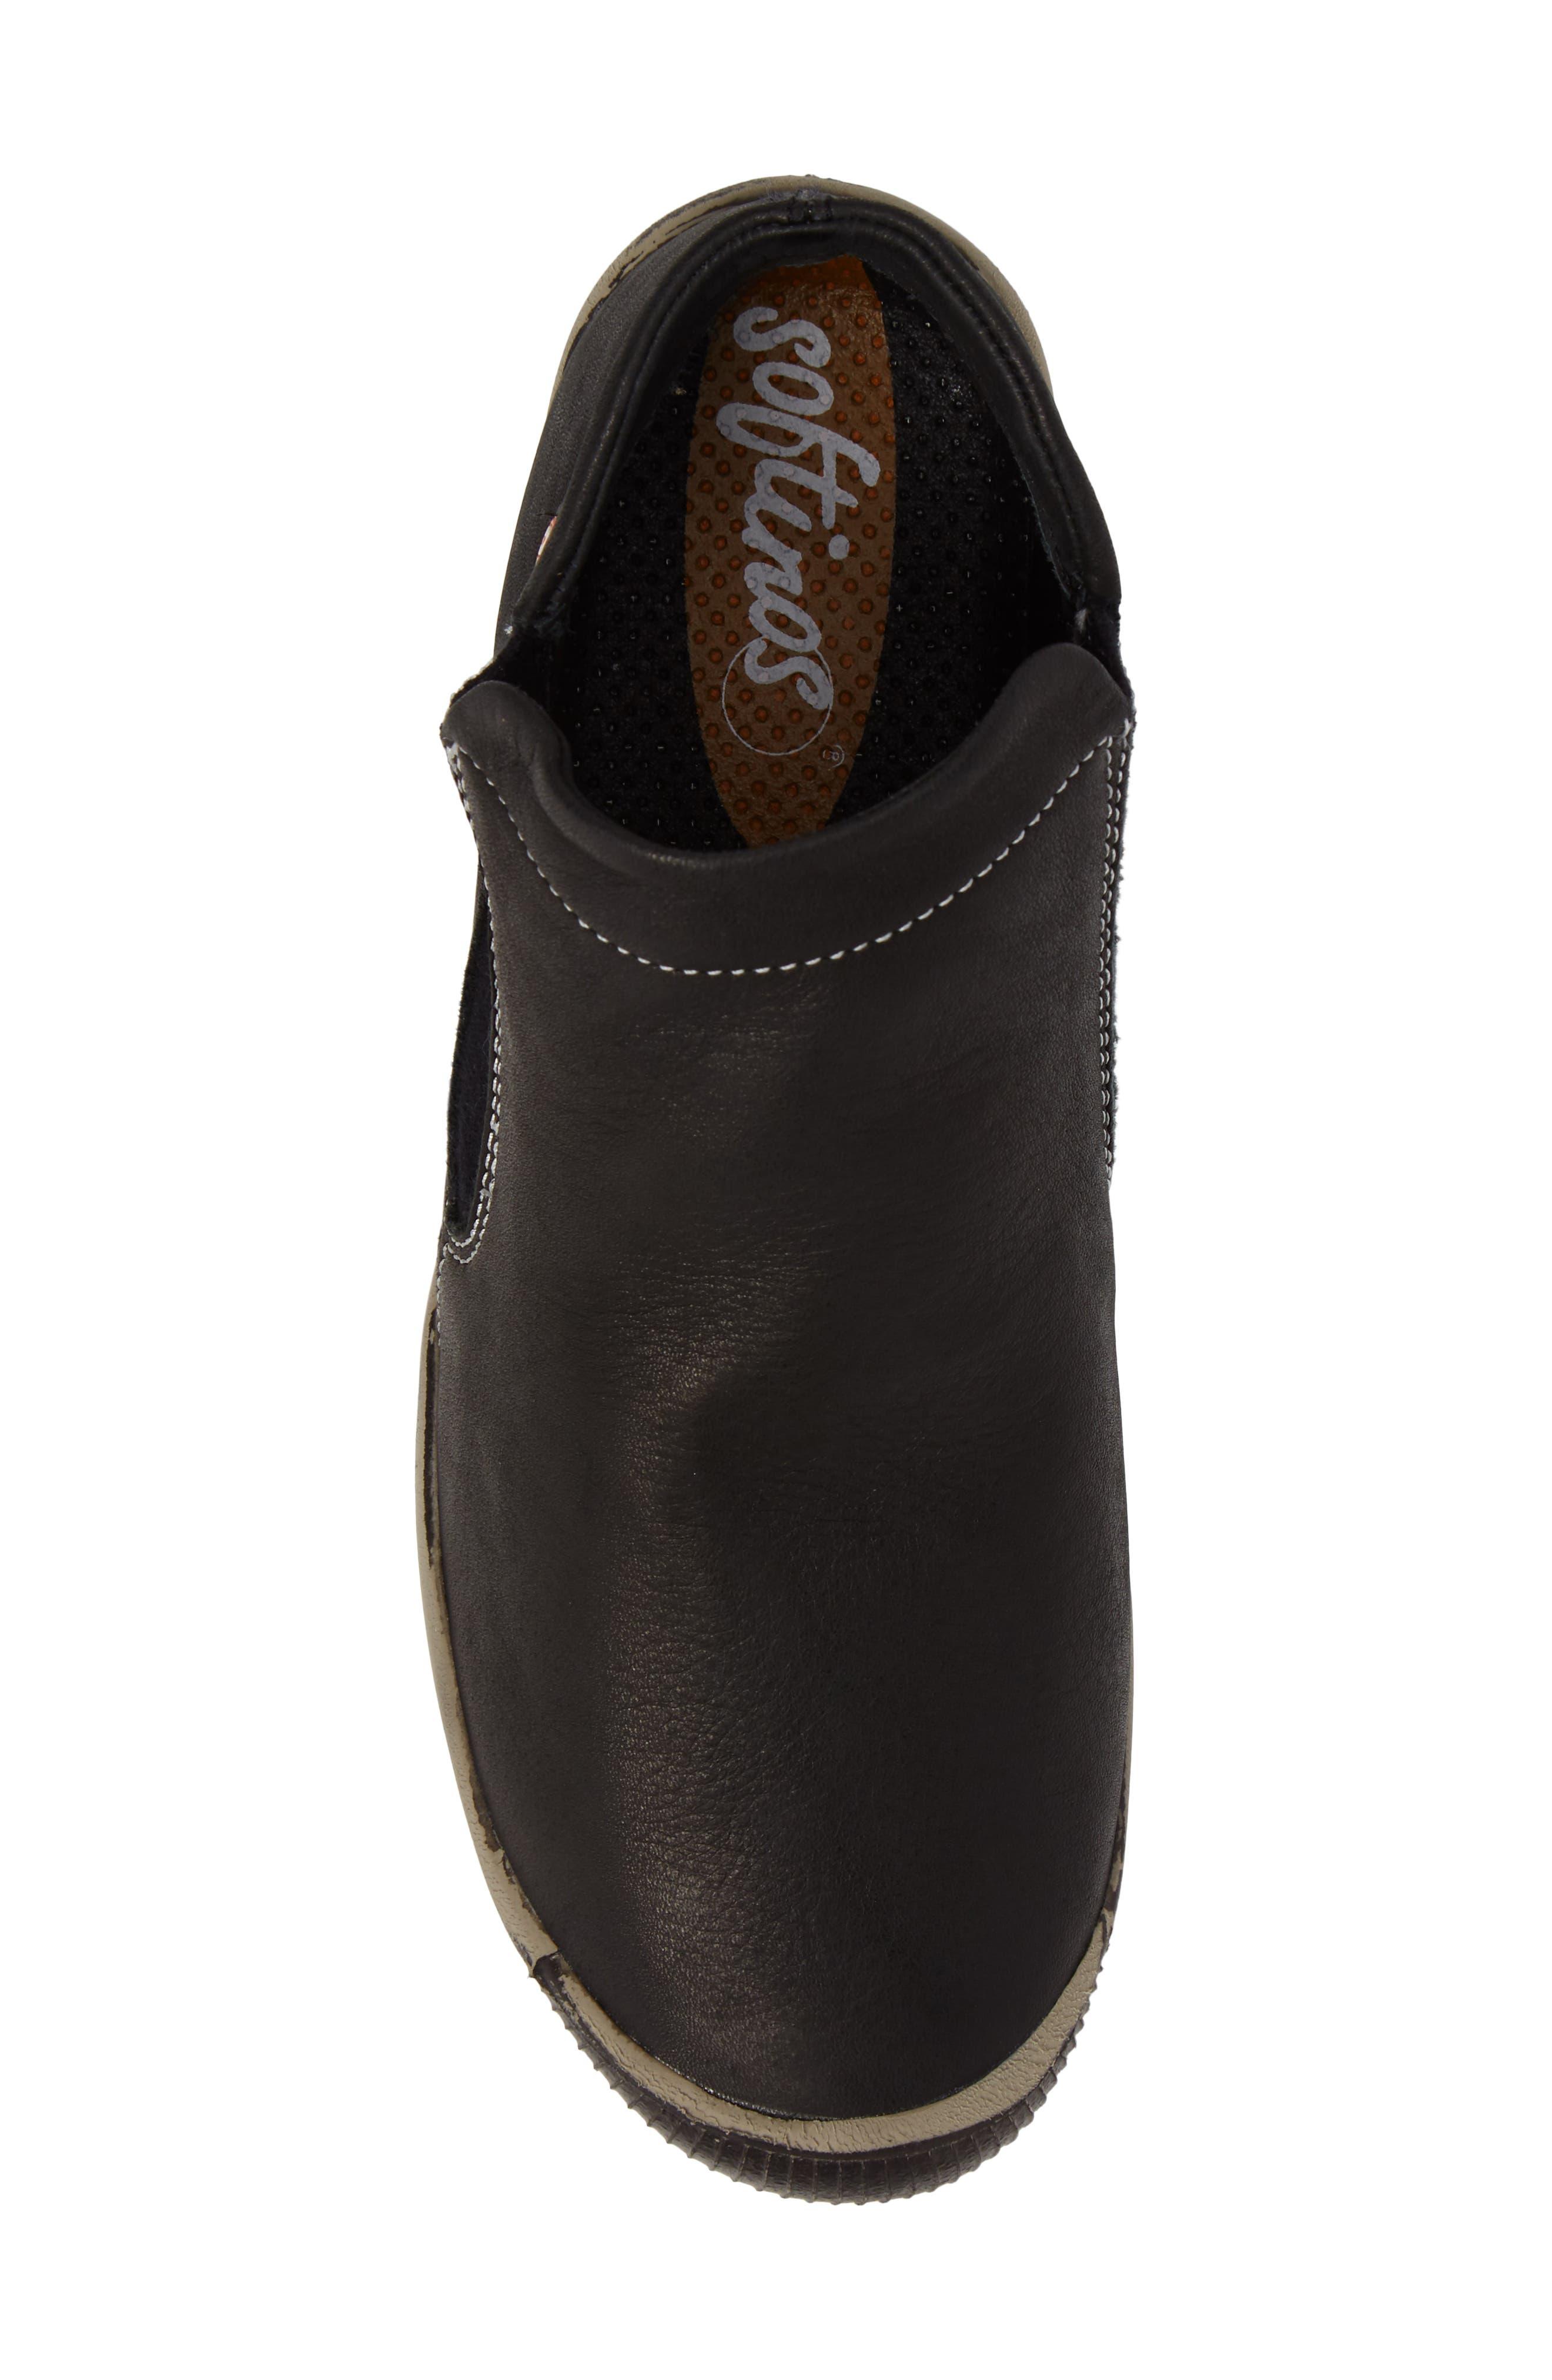 Inge Slip-On Sneaker,                             Alternate thumbnail 5, color,                             003